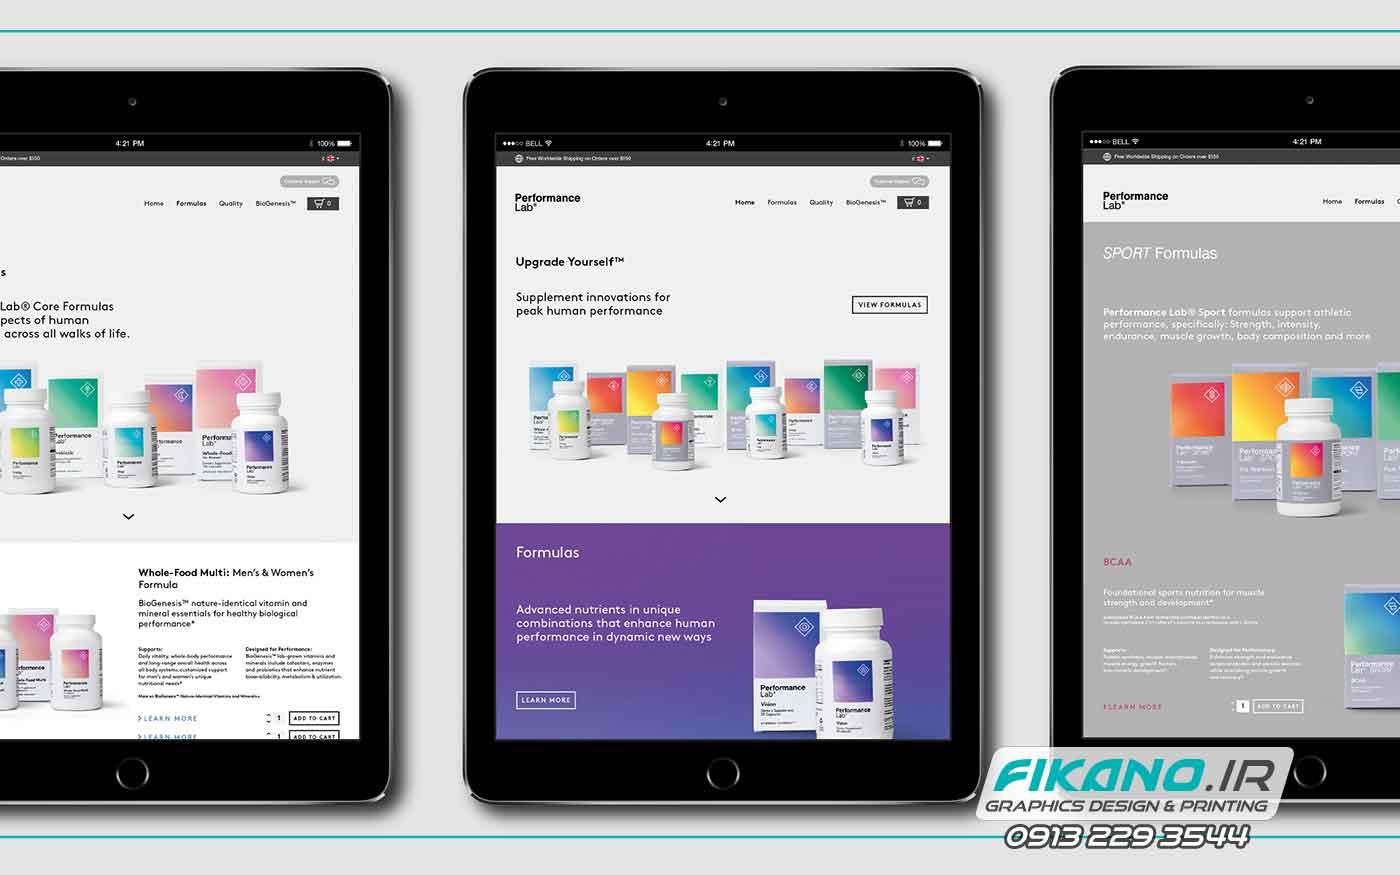 سفارش طراحی بسته بندی و طراحی هویت بصری یکپارچه - وب سایت فیکانو www.fikano.ir